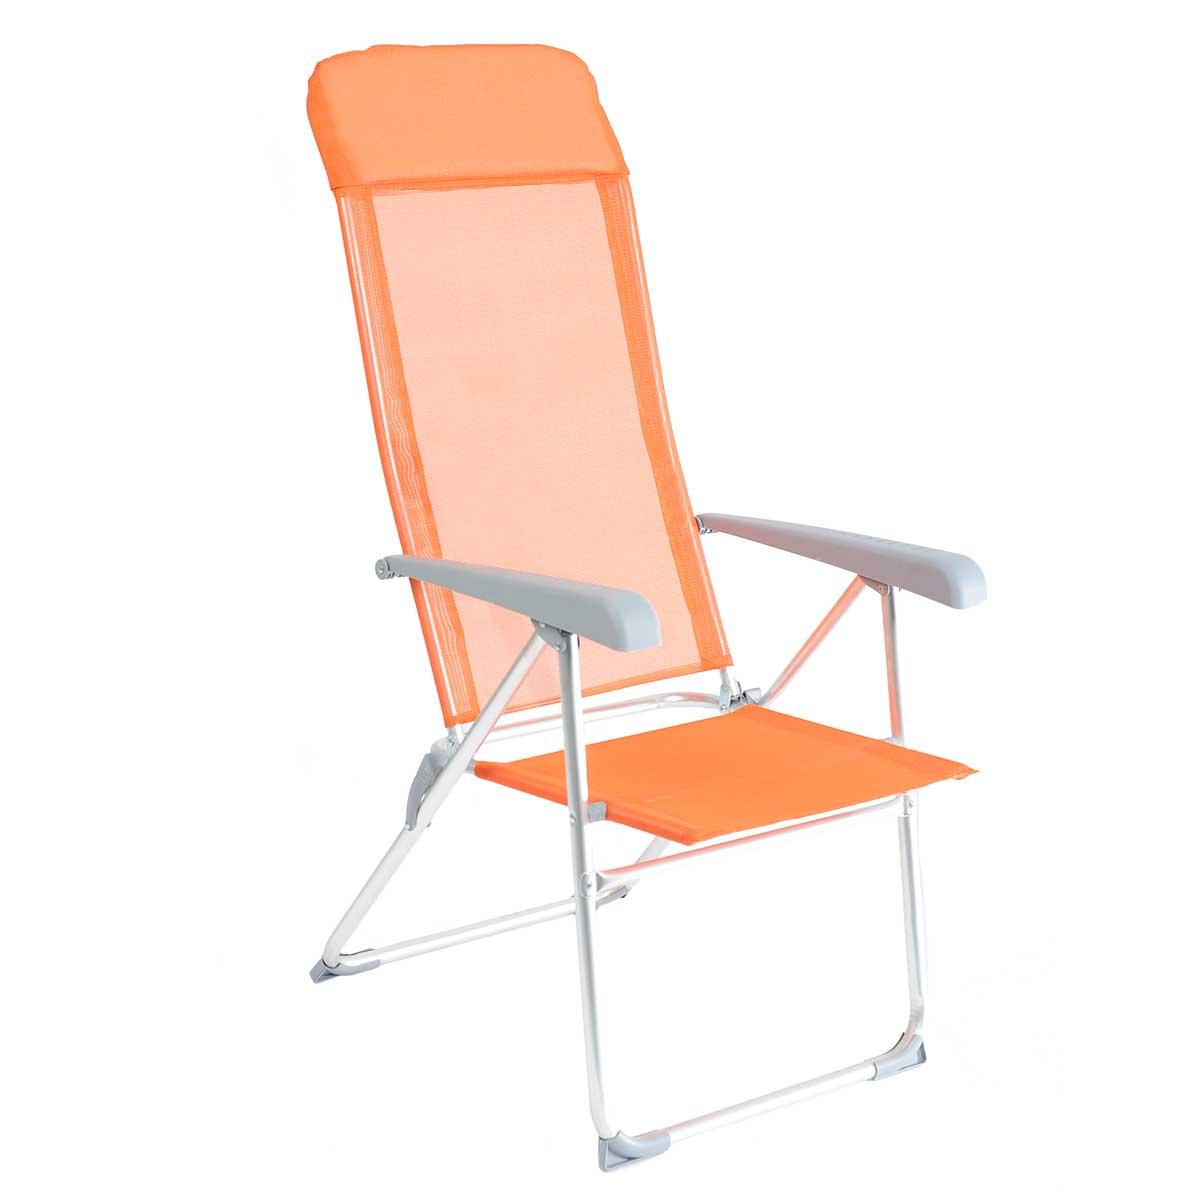 Кресло складное Woodland Dacha, 66 см х 58 см х 118 см0036501Складное кресло Woodland Dacha предназначено для создания комфортных условий в туристических походах, рыбалке и кемпинге.Особенности:Компактная складная конструкция.Прочный алюминиевый каркас, диаметр 19/22 мм.Ткань Textilene обеспечивает отличную вентиляцию.